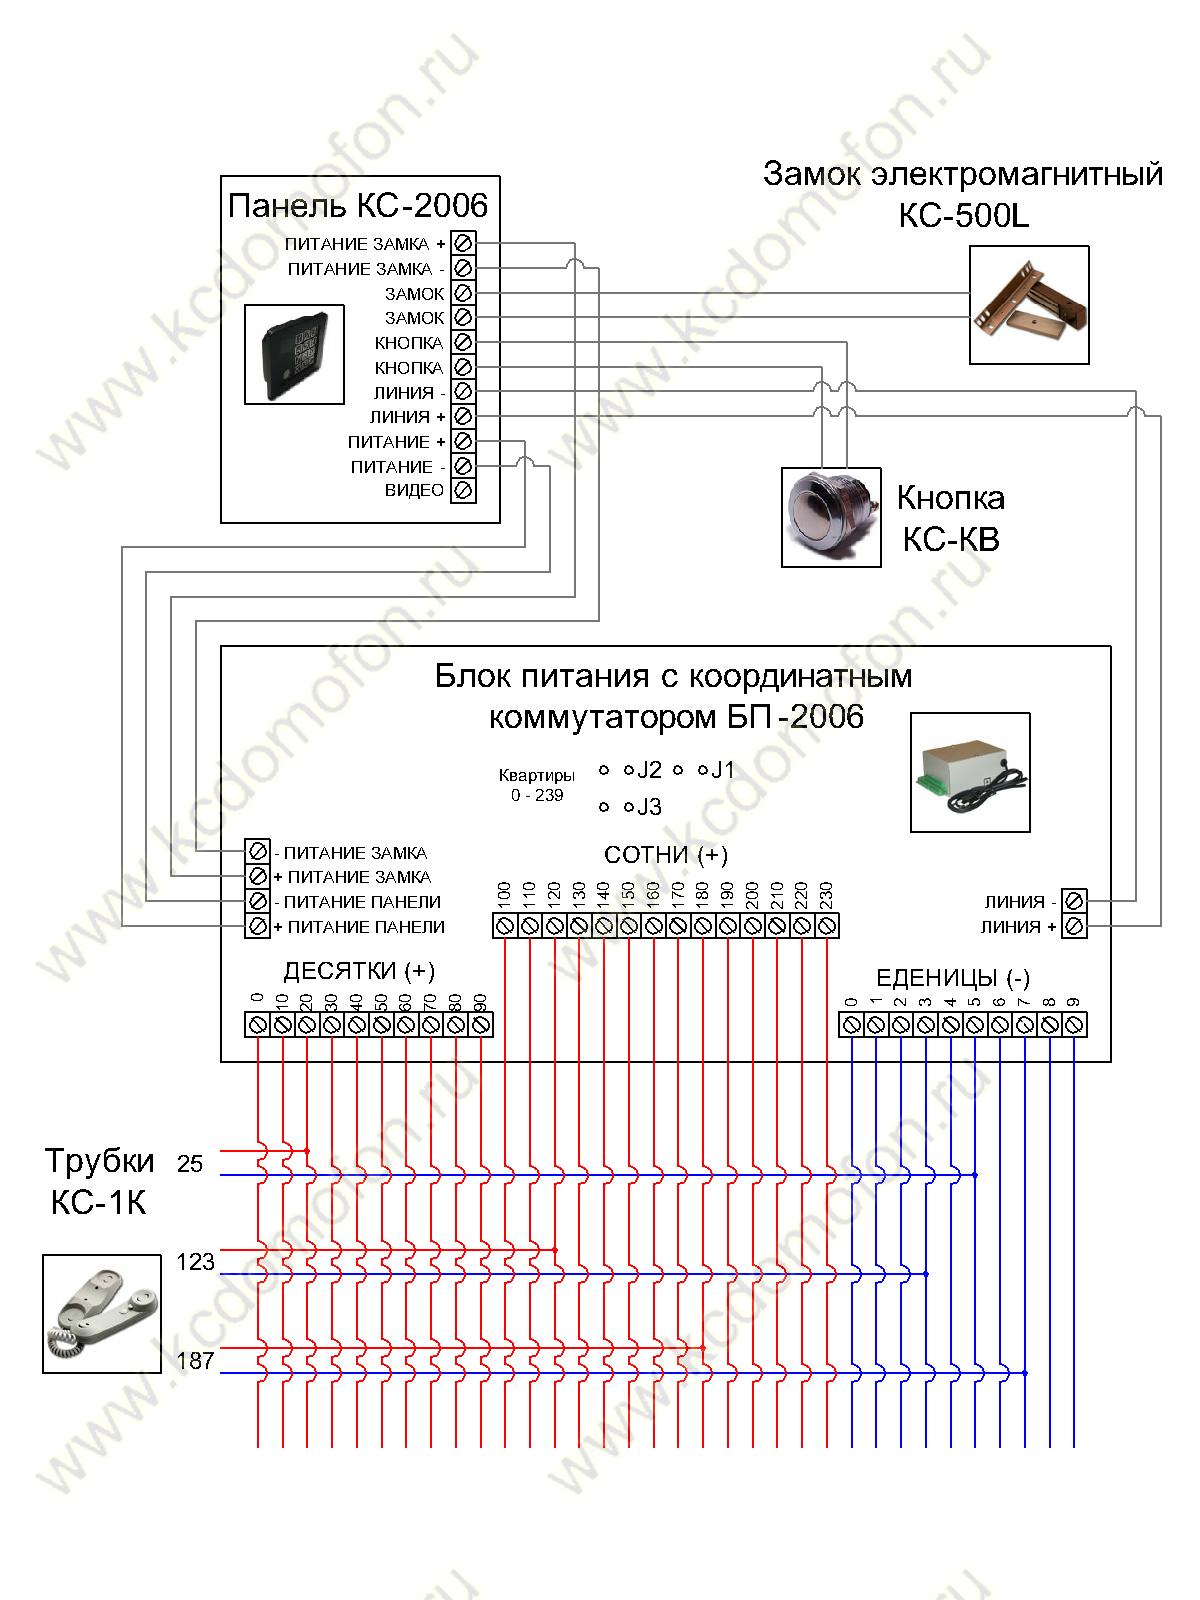 Координатный коммутатор сом-80 подключение схема